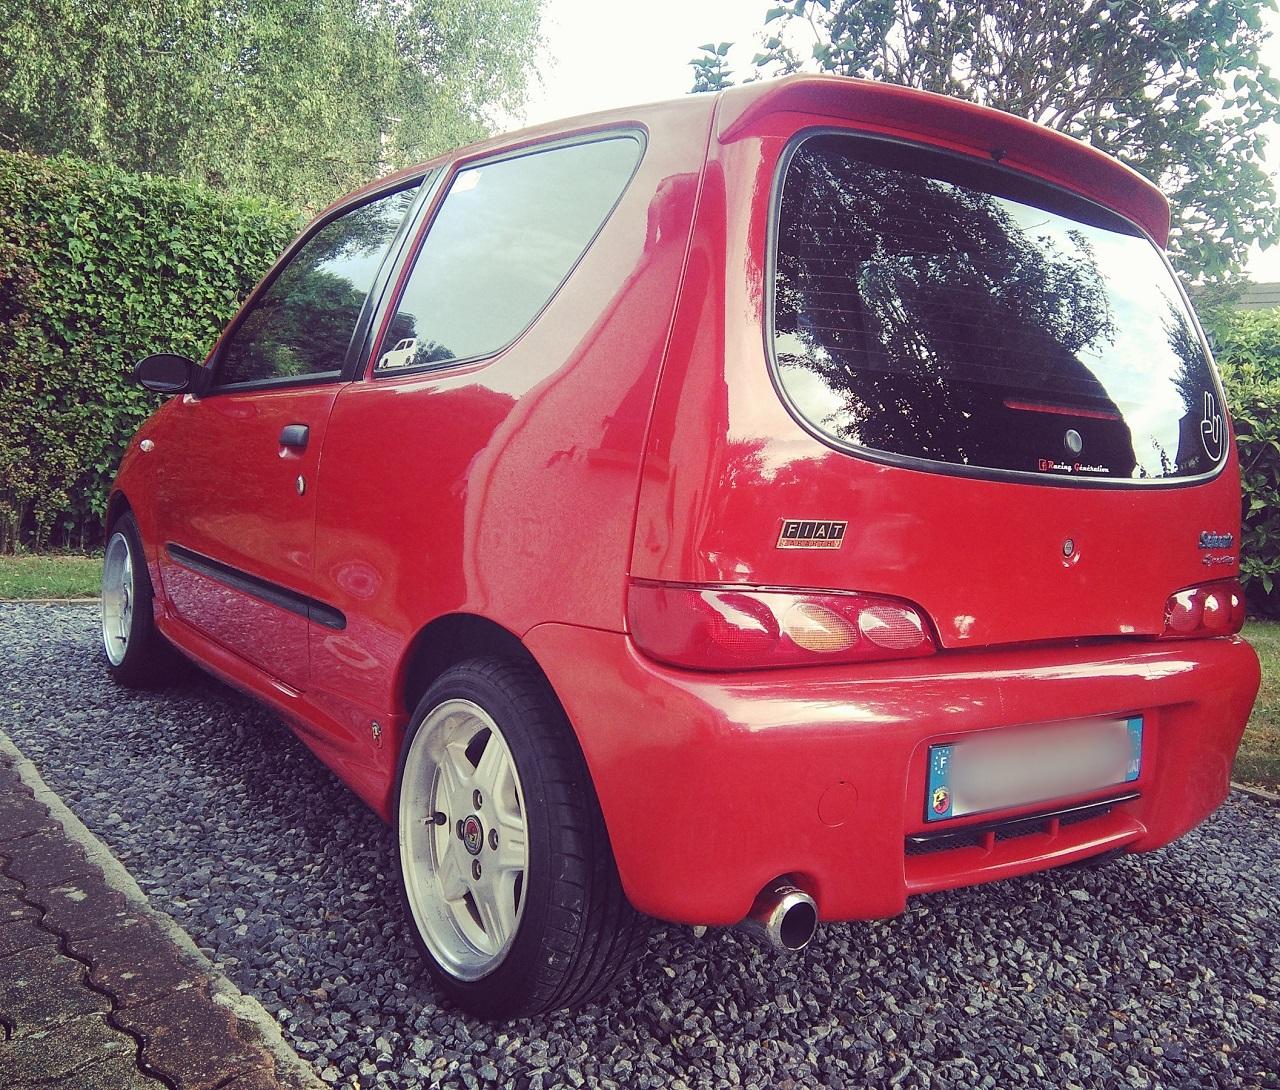 Fiat Seicento Sporting Abarth - Piccola Bomba ! 6